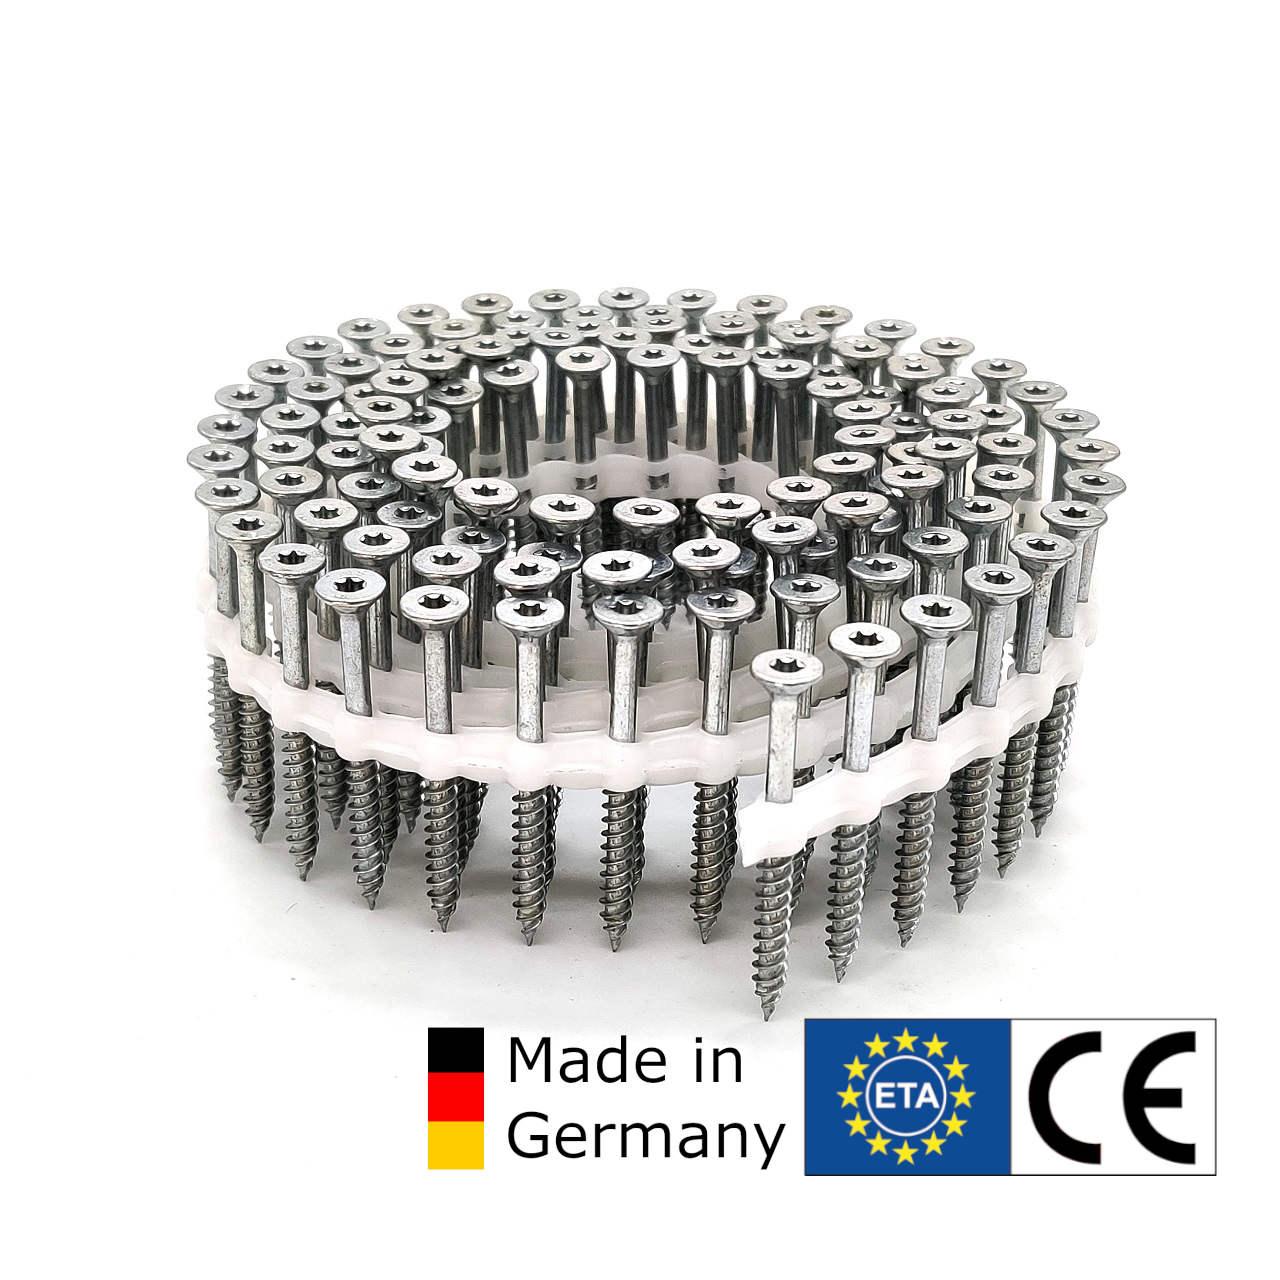 Coil TIMTEC ®- Universalholzbauschrauben | hell verzinkt | 5,0x80 | 750 Stk